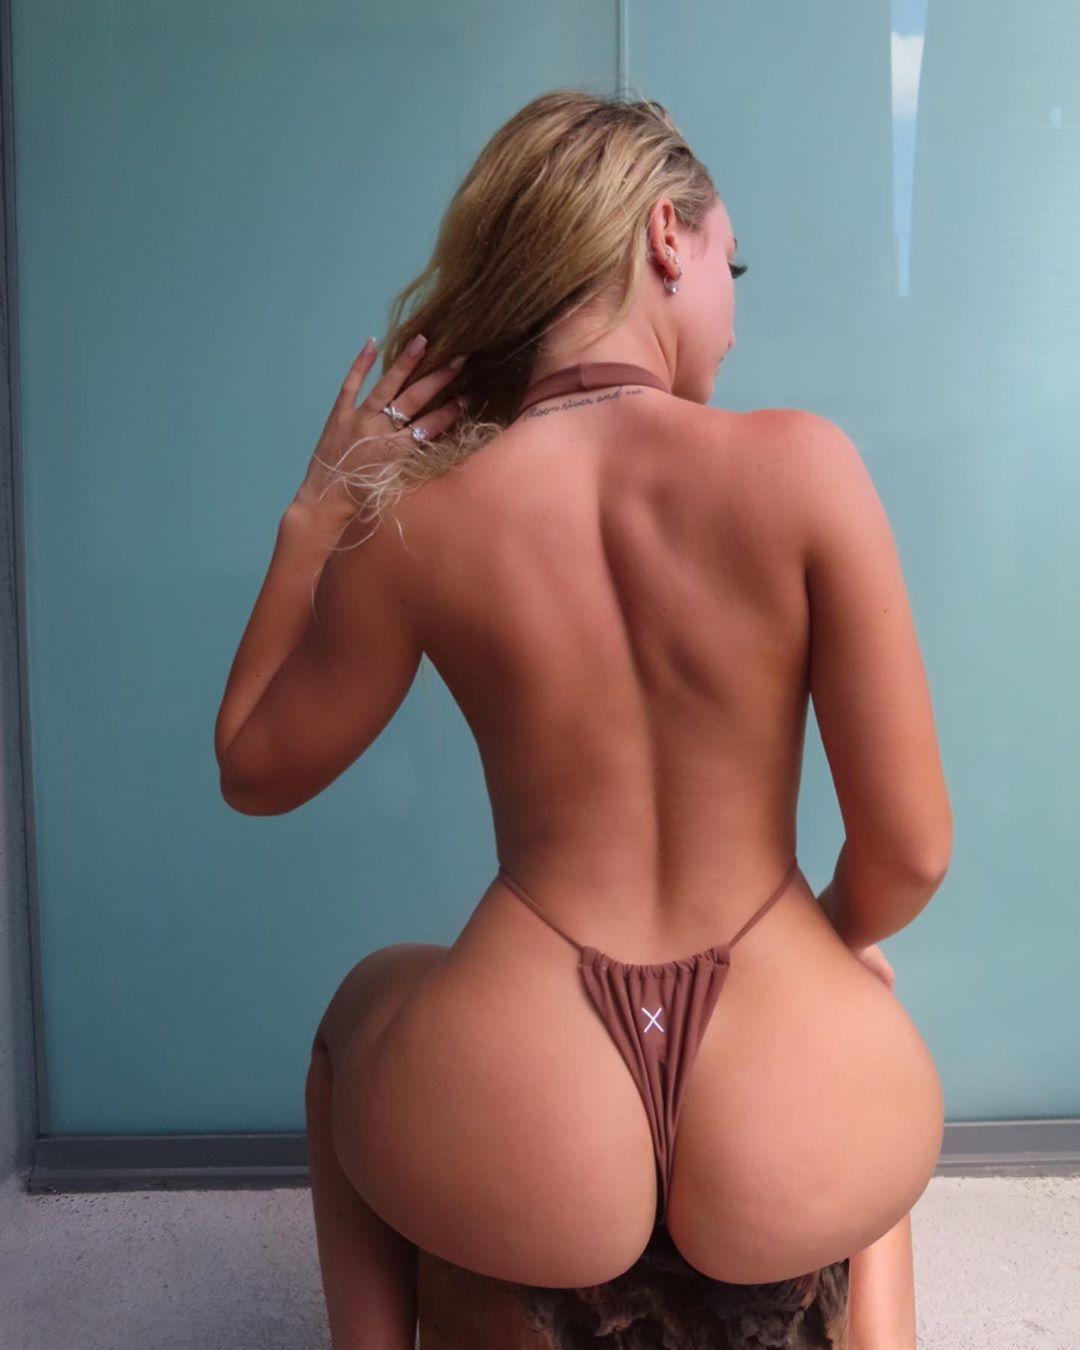 Jenni Niemaann Sexy & Topless 0114